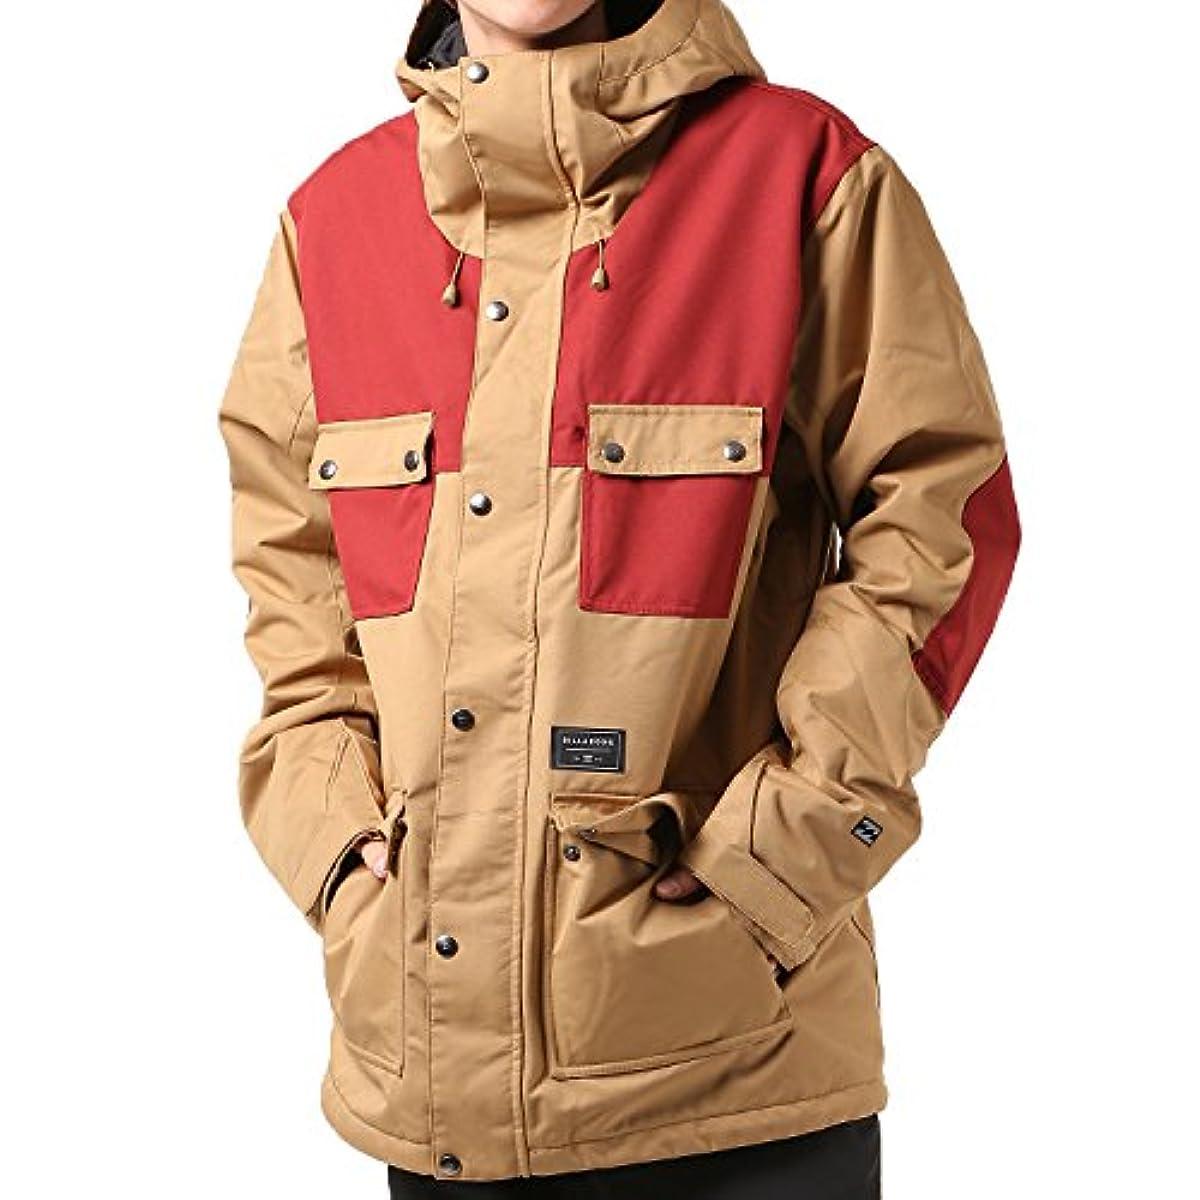 [해외] BILLABONG 빌라봉 스노보드 웨어 재킷 WORKING JK 17-18모델 맨즈 AH01M-754